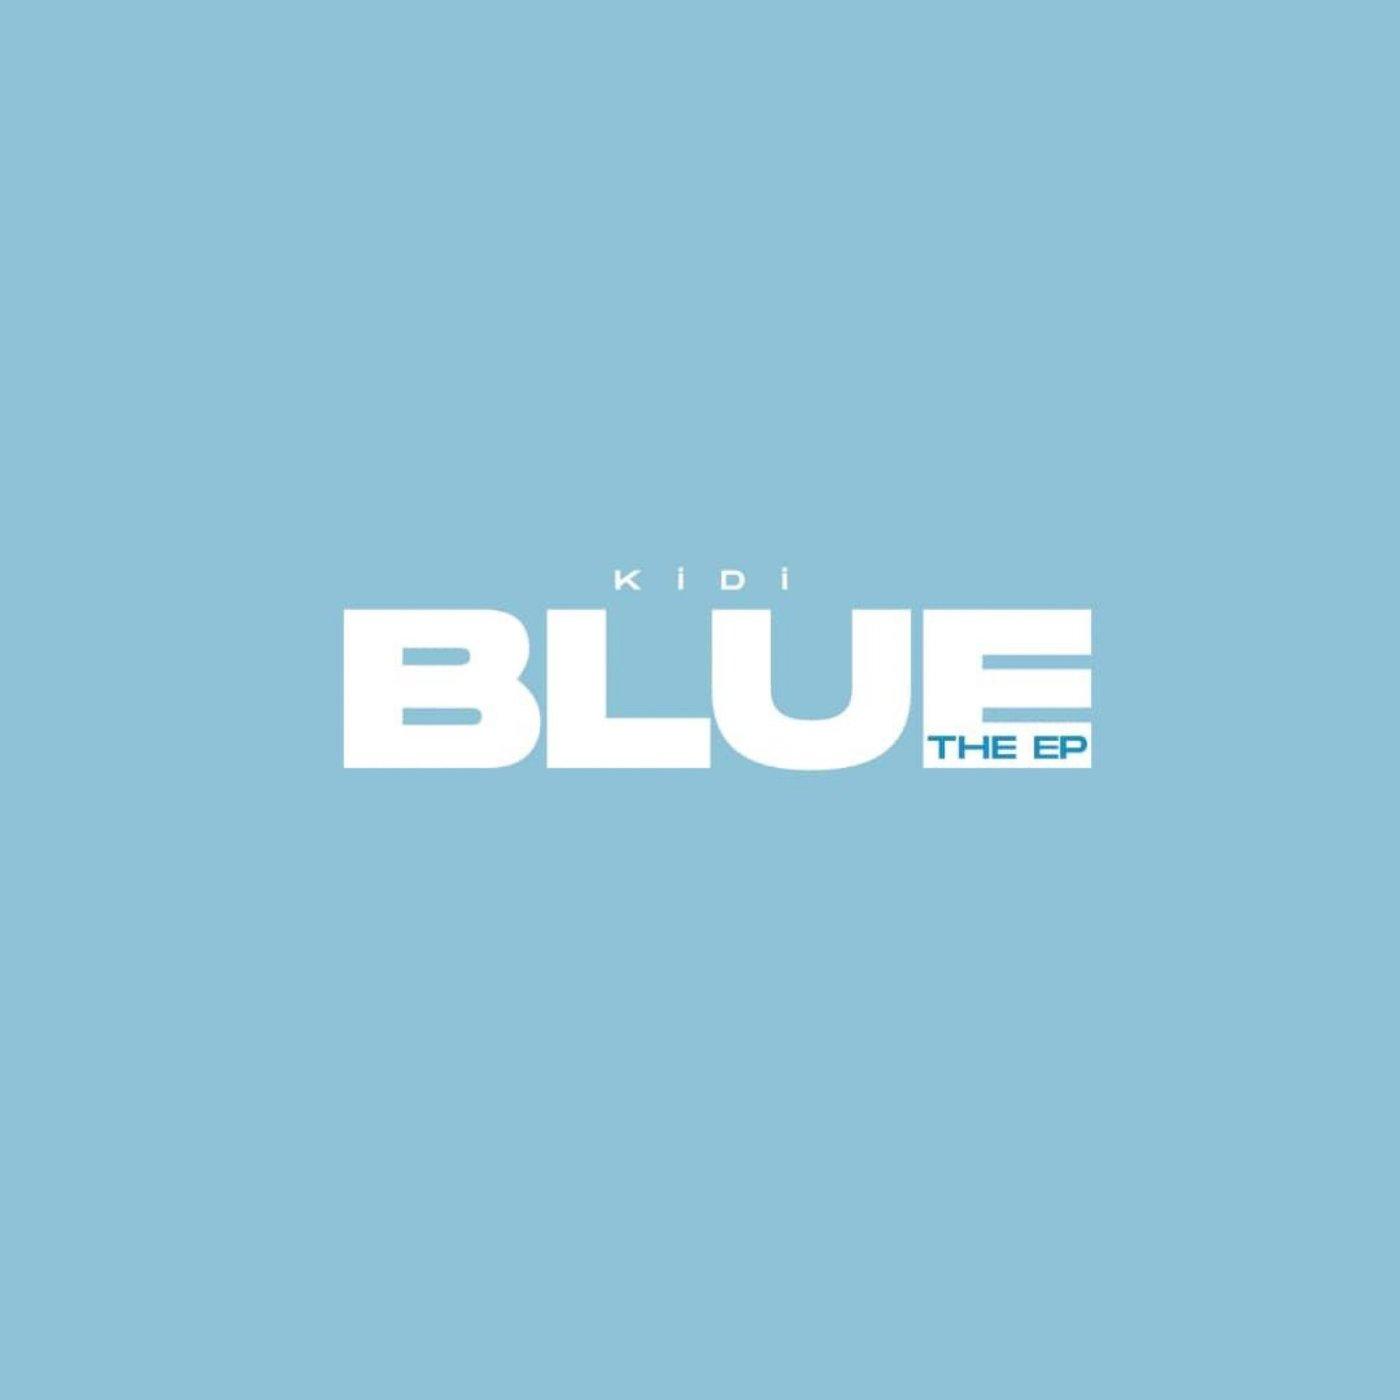 KiDi - Blue EP (Full Album)